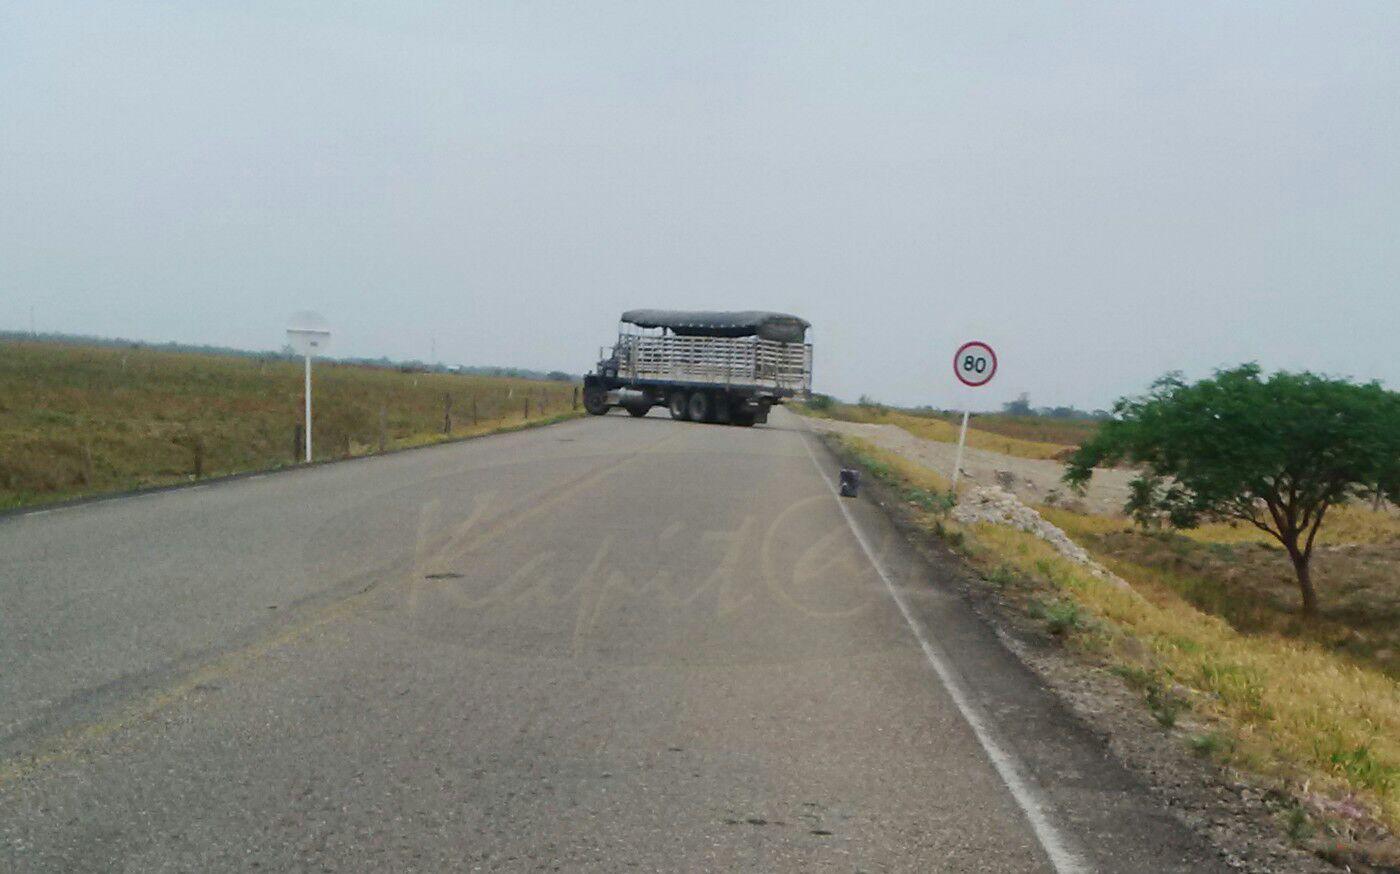 Guerrilla del Eln atraviesa camión en la vía Tame – Fortul